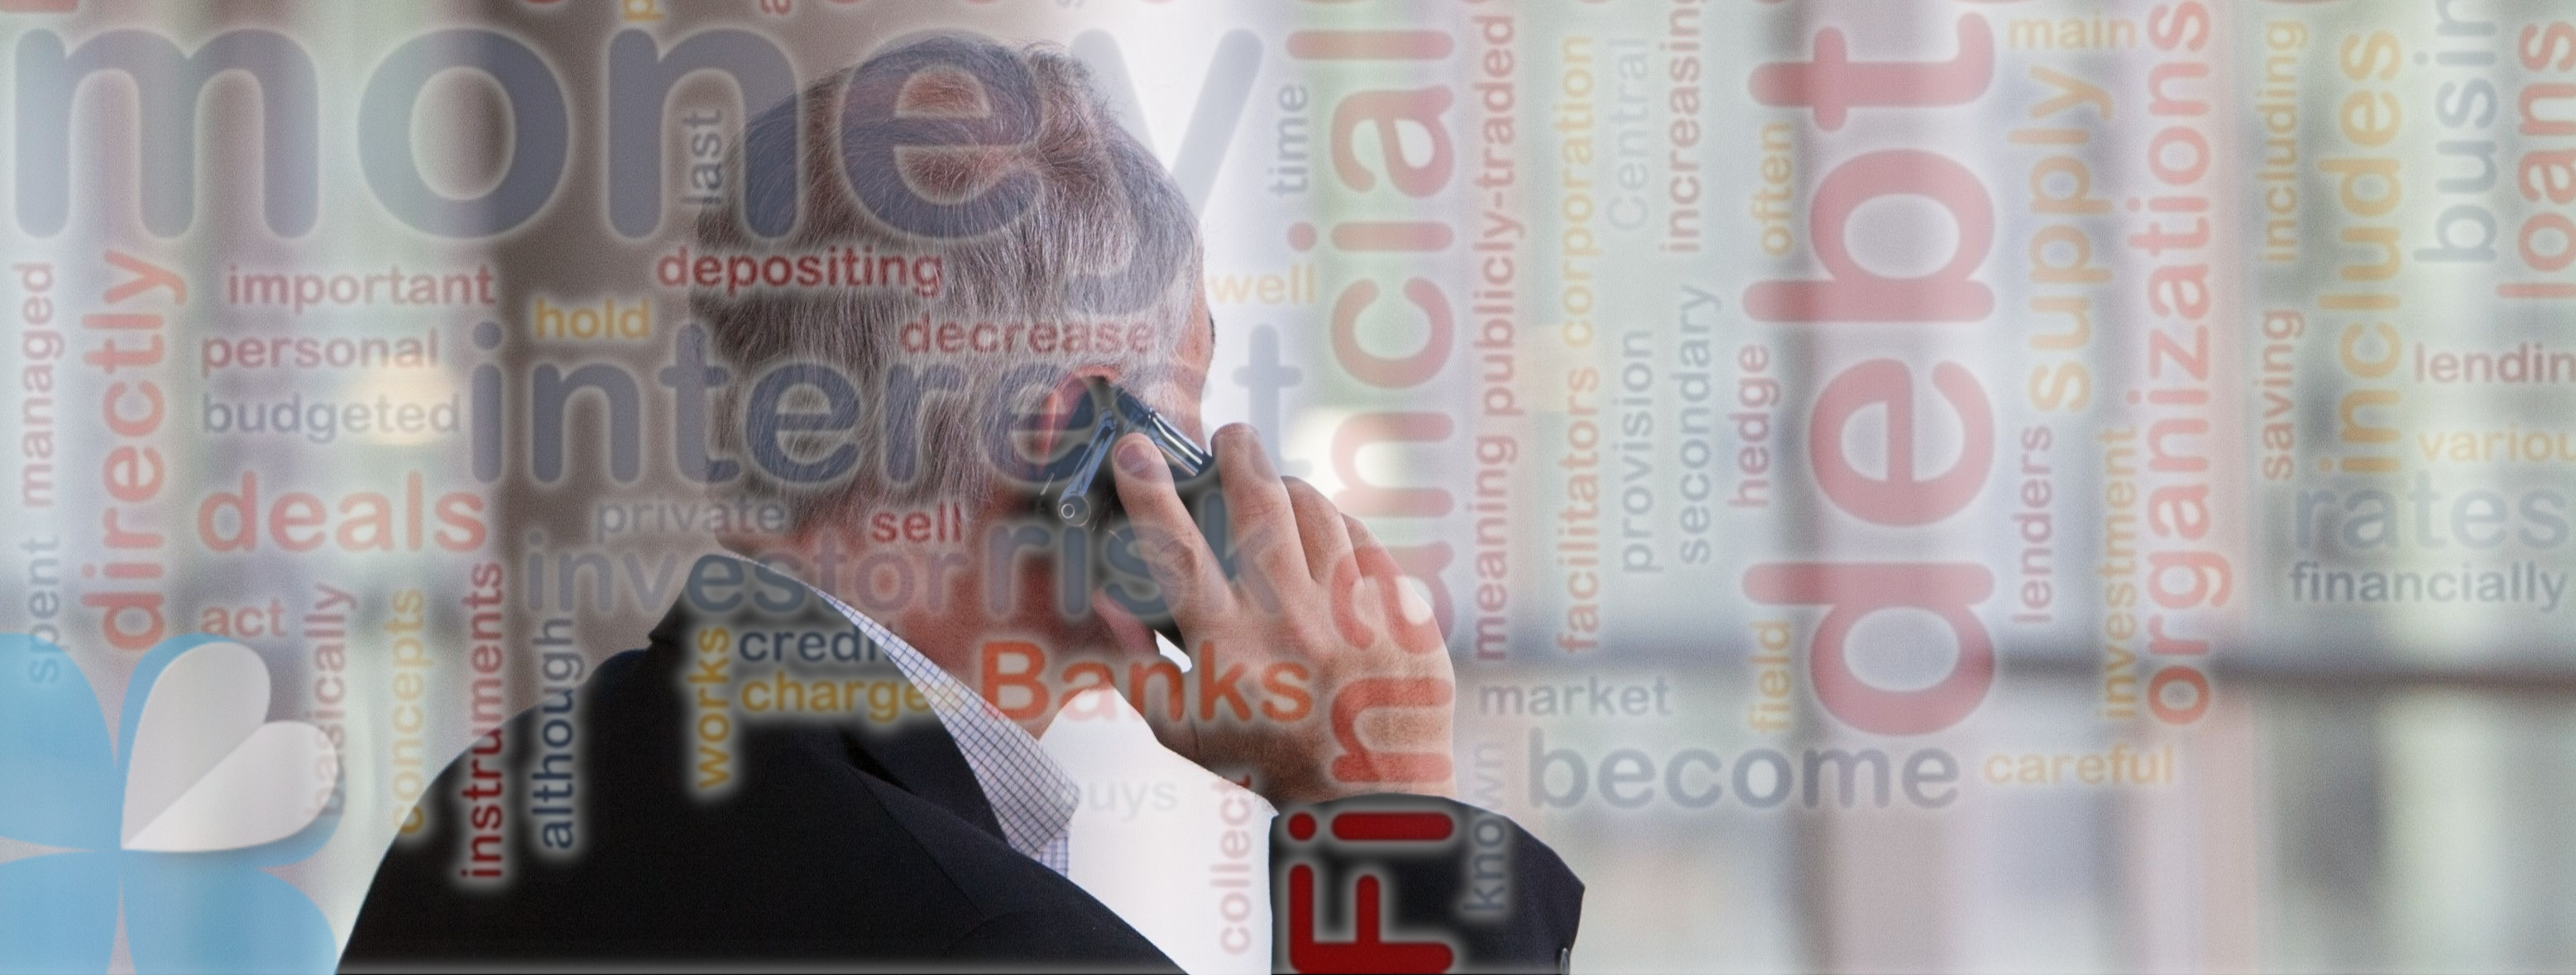 Traqducción del discurso de banqueros con AI